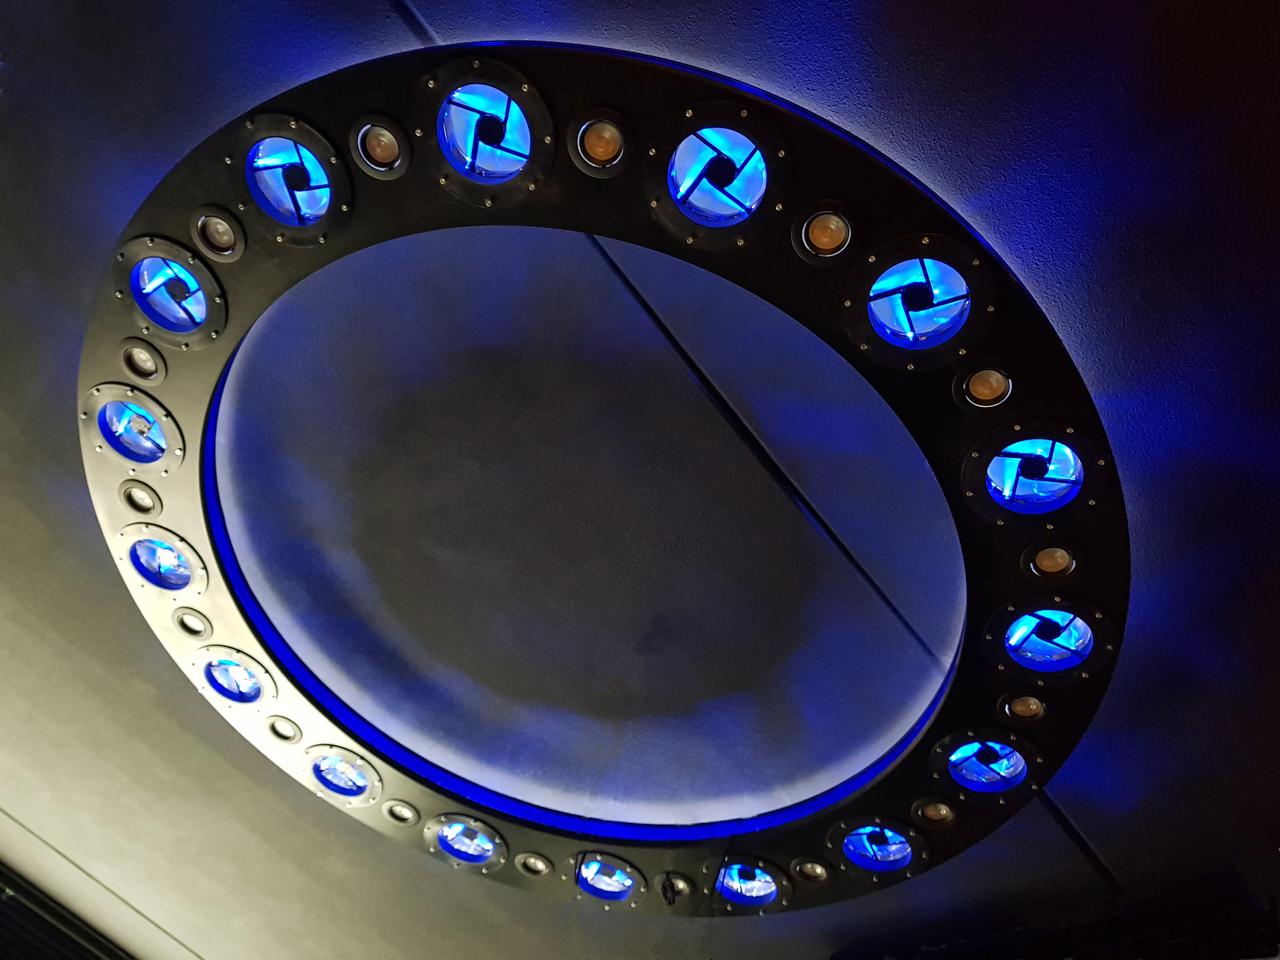 Space_lamp5.jpg